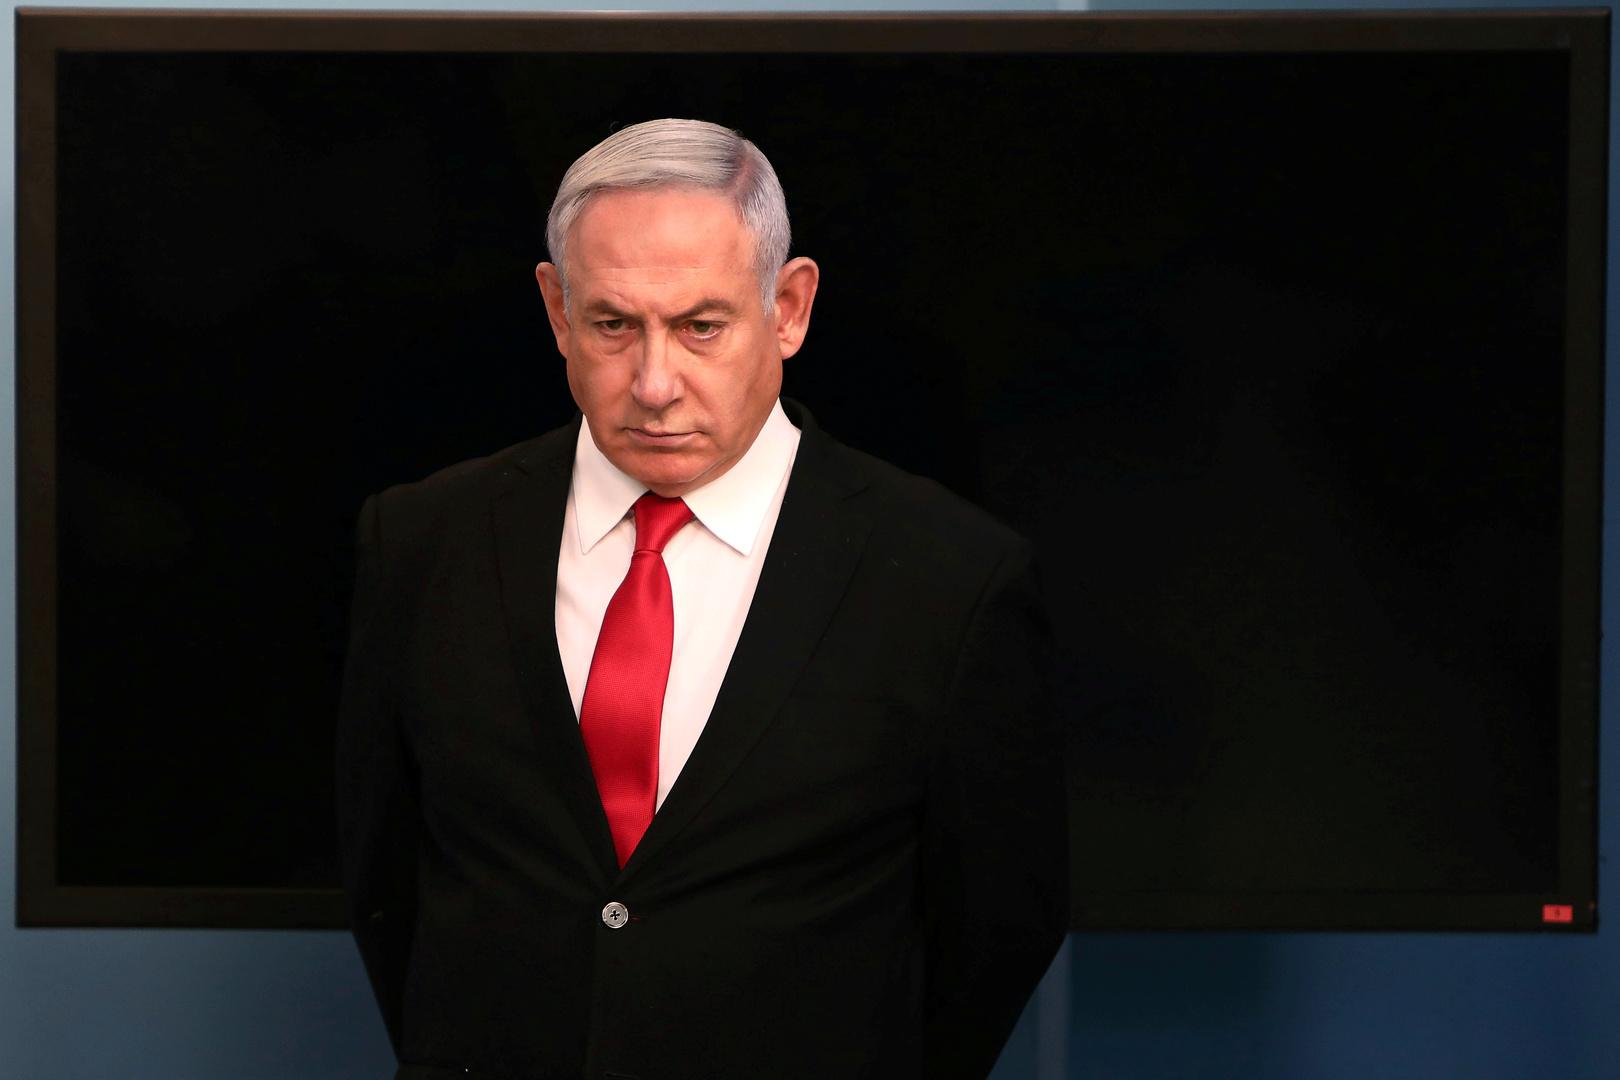 القضاء الإسرائيلي يطلب من نتنياهو الحضور شخصيا إلى محاكمته